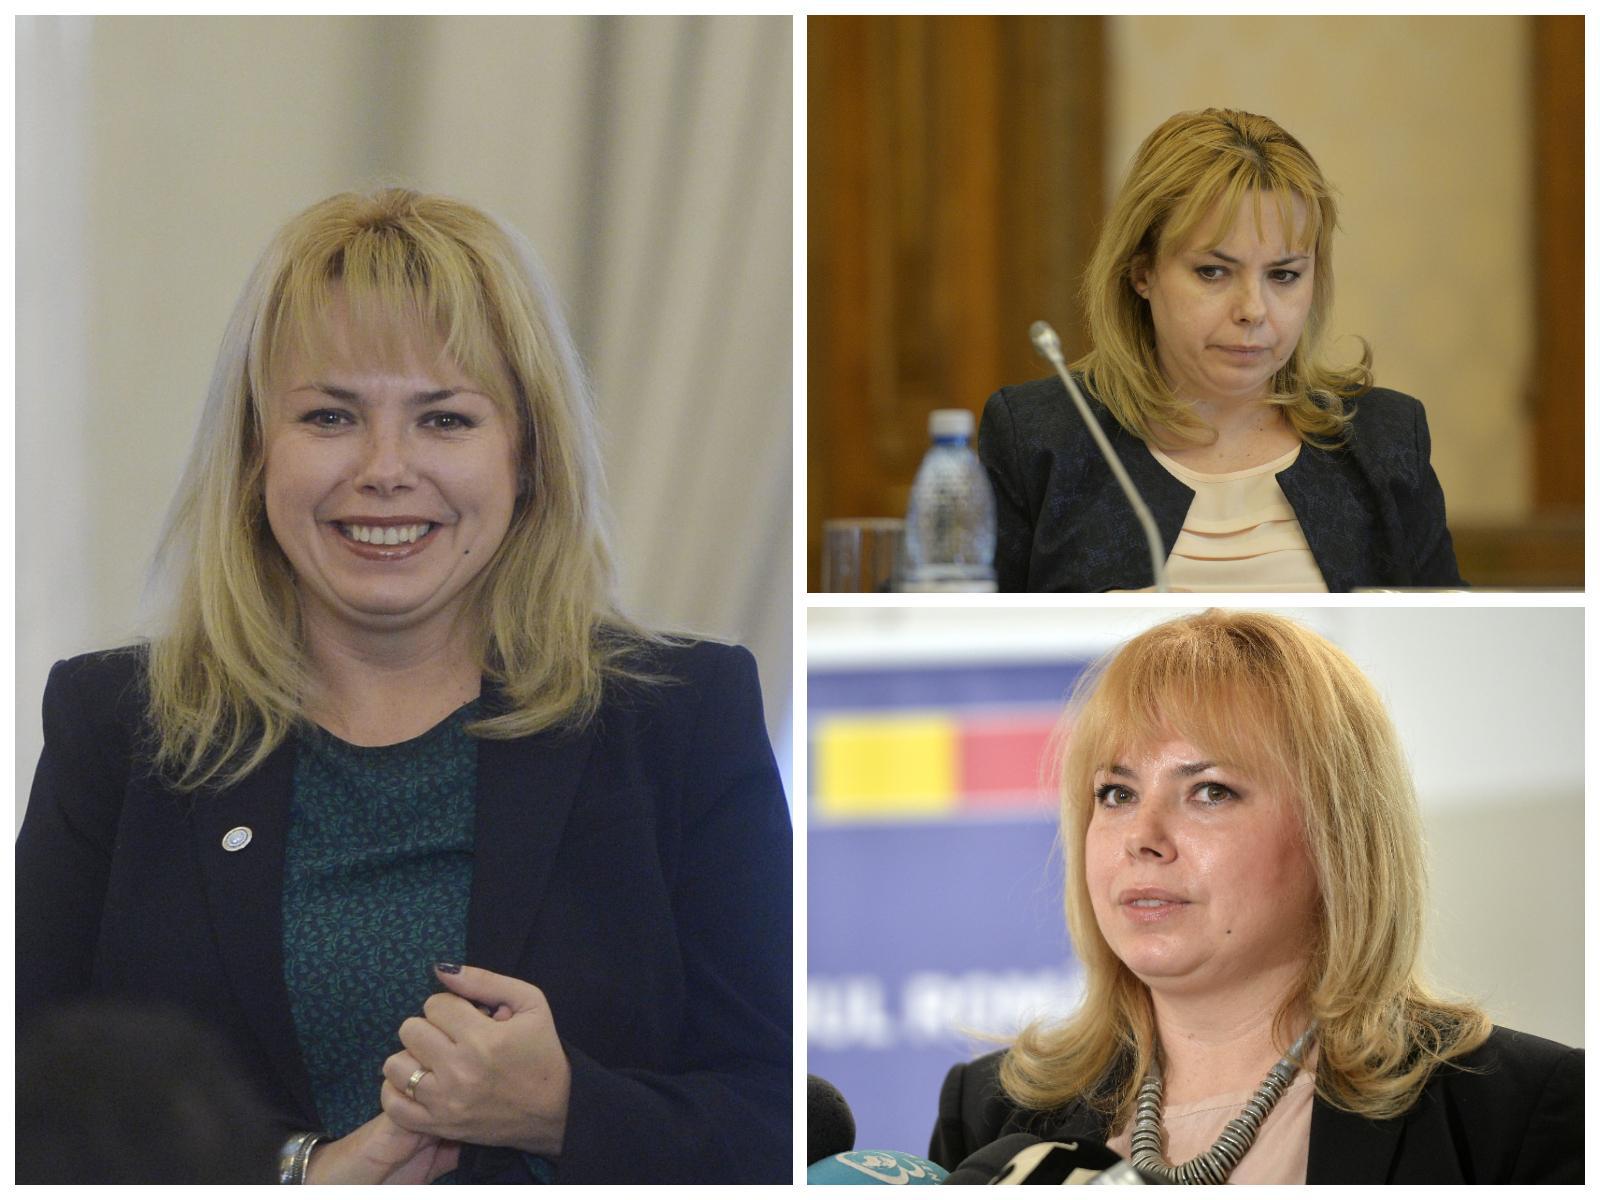 Premieră în România! O femeie va ocupa a doua funcție în Stat. Cine este Anca Dragu, președintele ales al Senatului